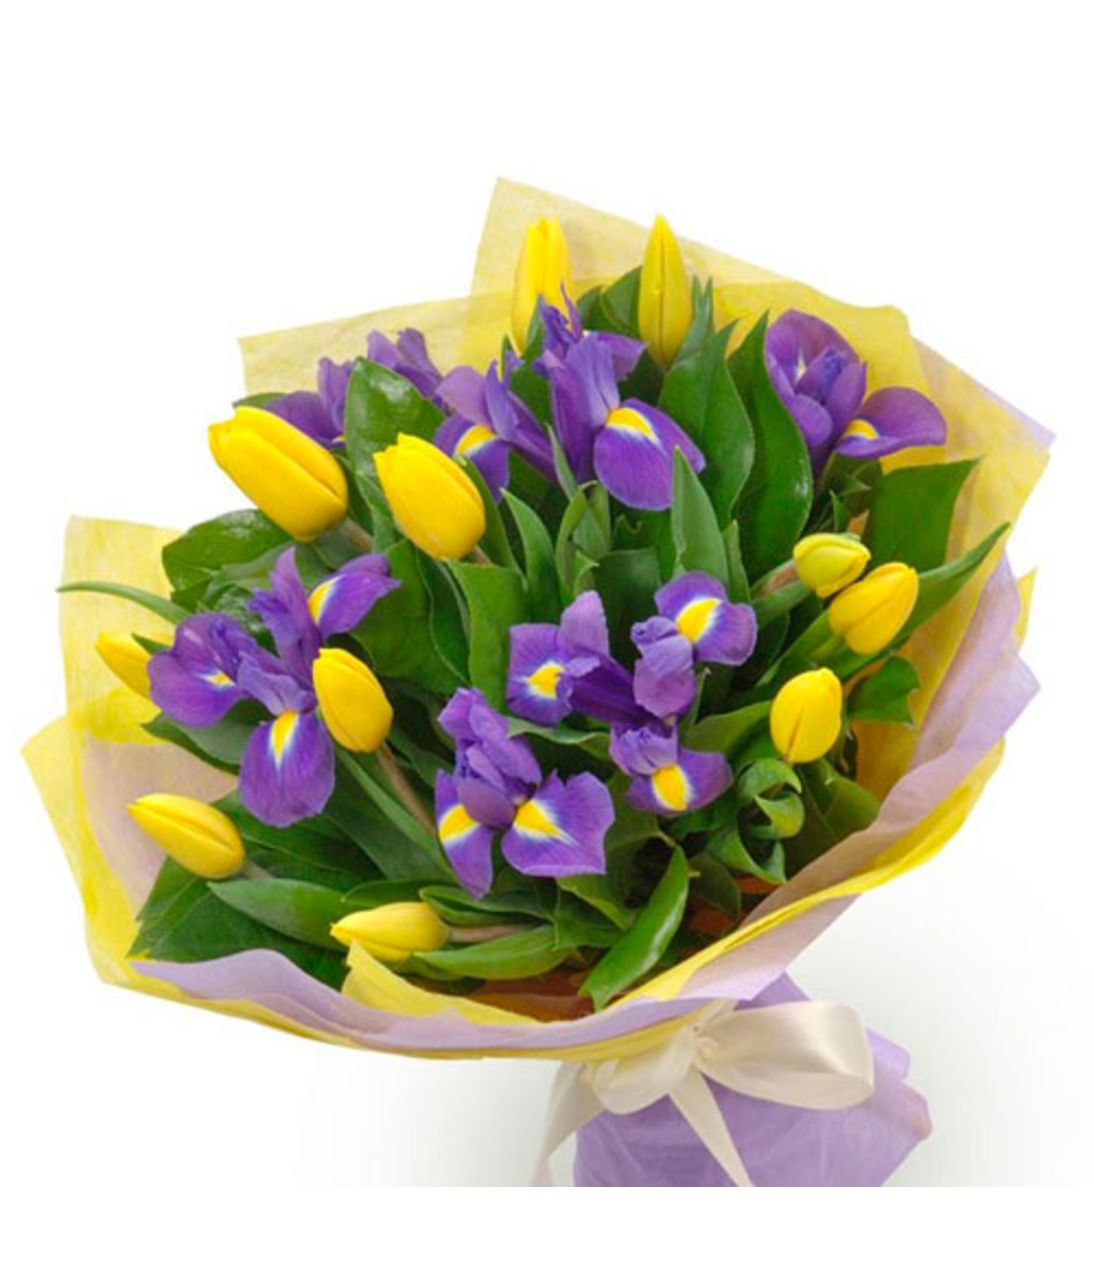 """Сборный Букет из ирисов и тюльпанов """"Тандем"""". Superflowers.com.ua"""